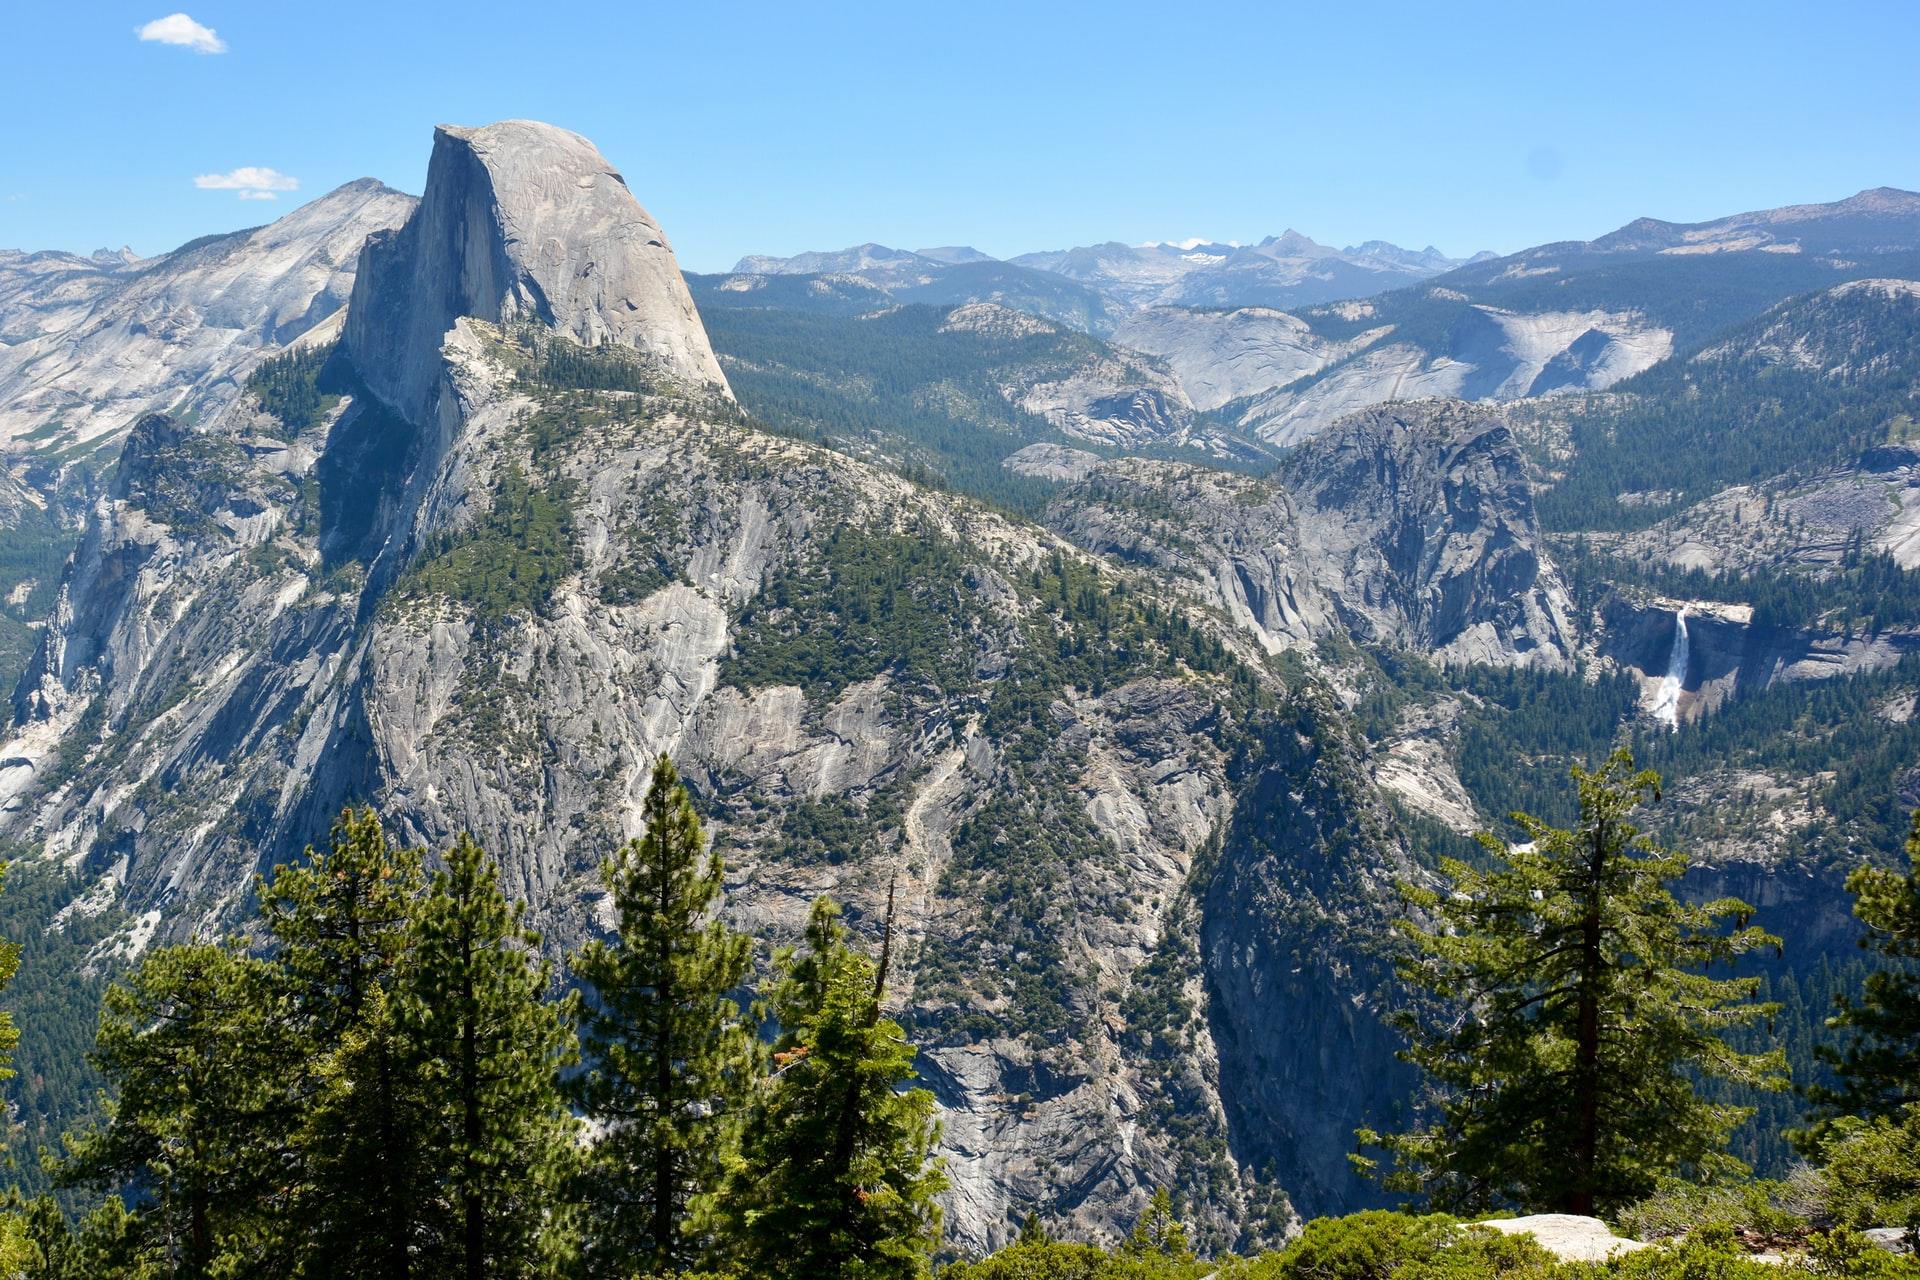 Half Dome and Yosemite landscape (photo: Dan)